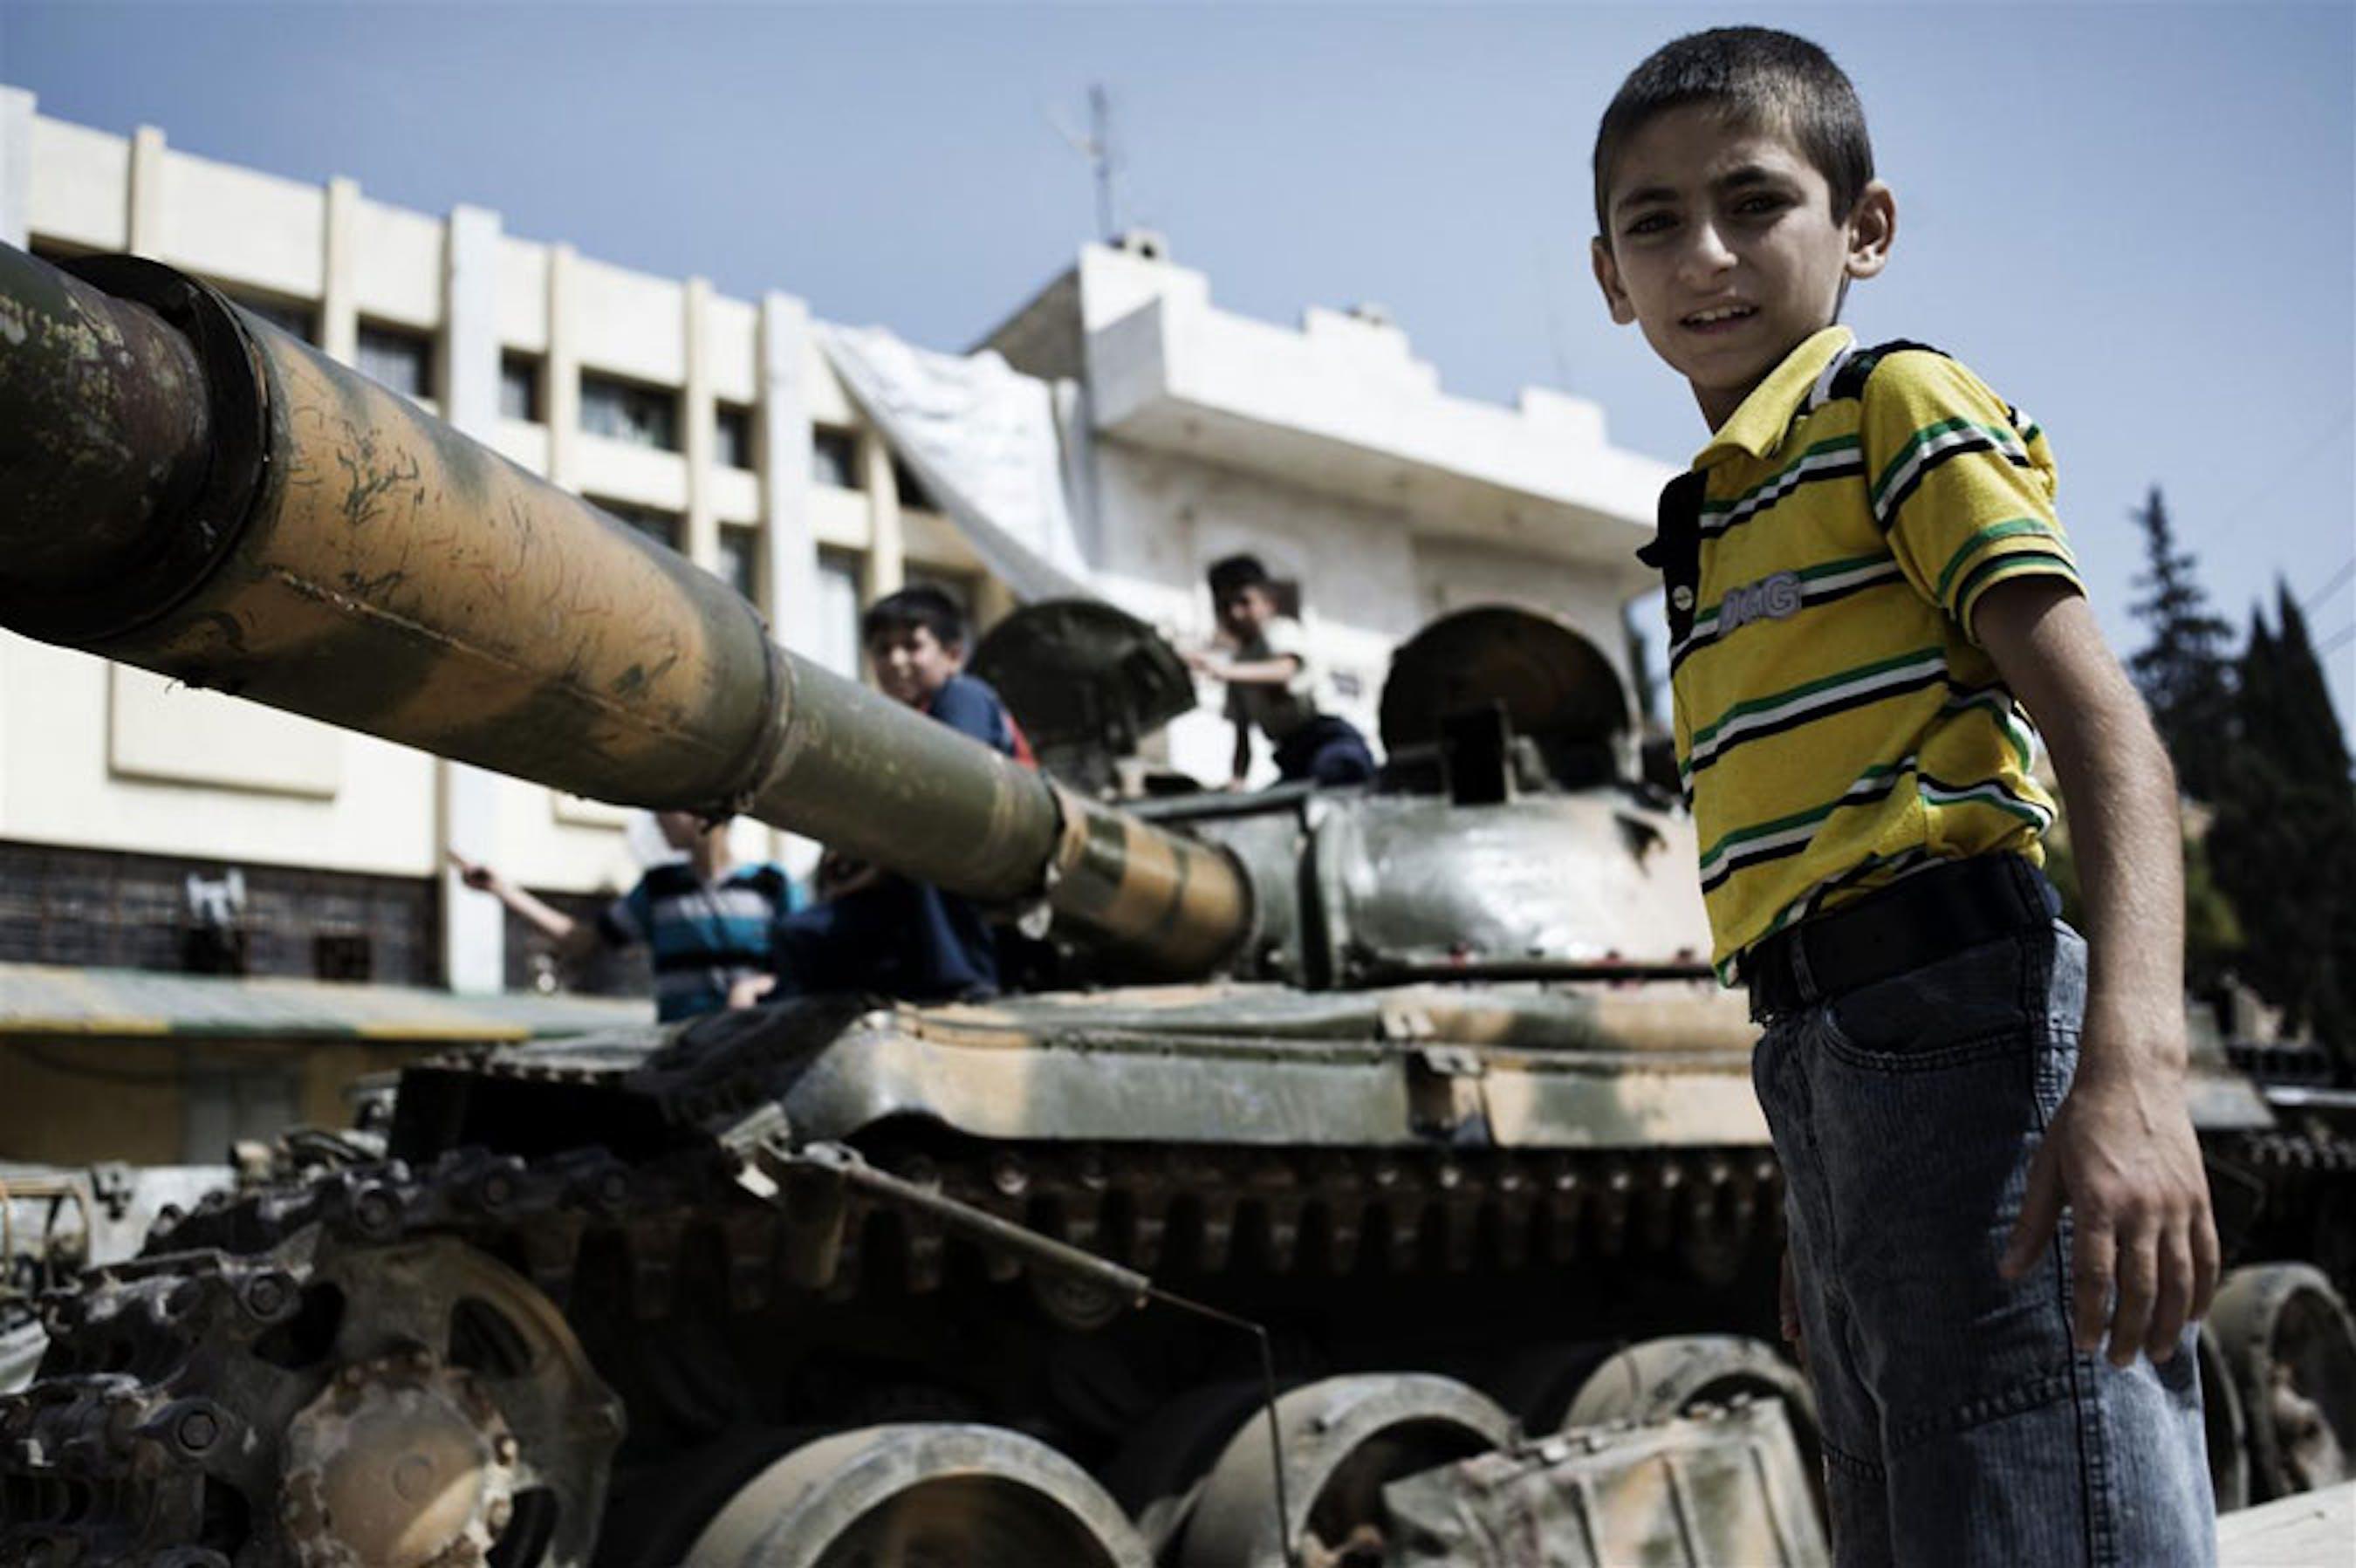 Un bambino accanto a un carro armato in una via di Aleppo, Siria - ©UNICEF/NYHQ2012-1300/Alessio Romenzi